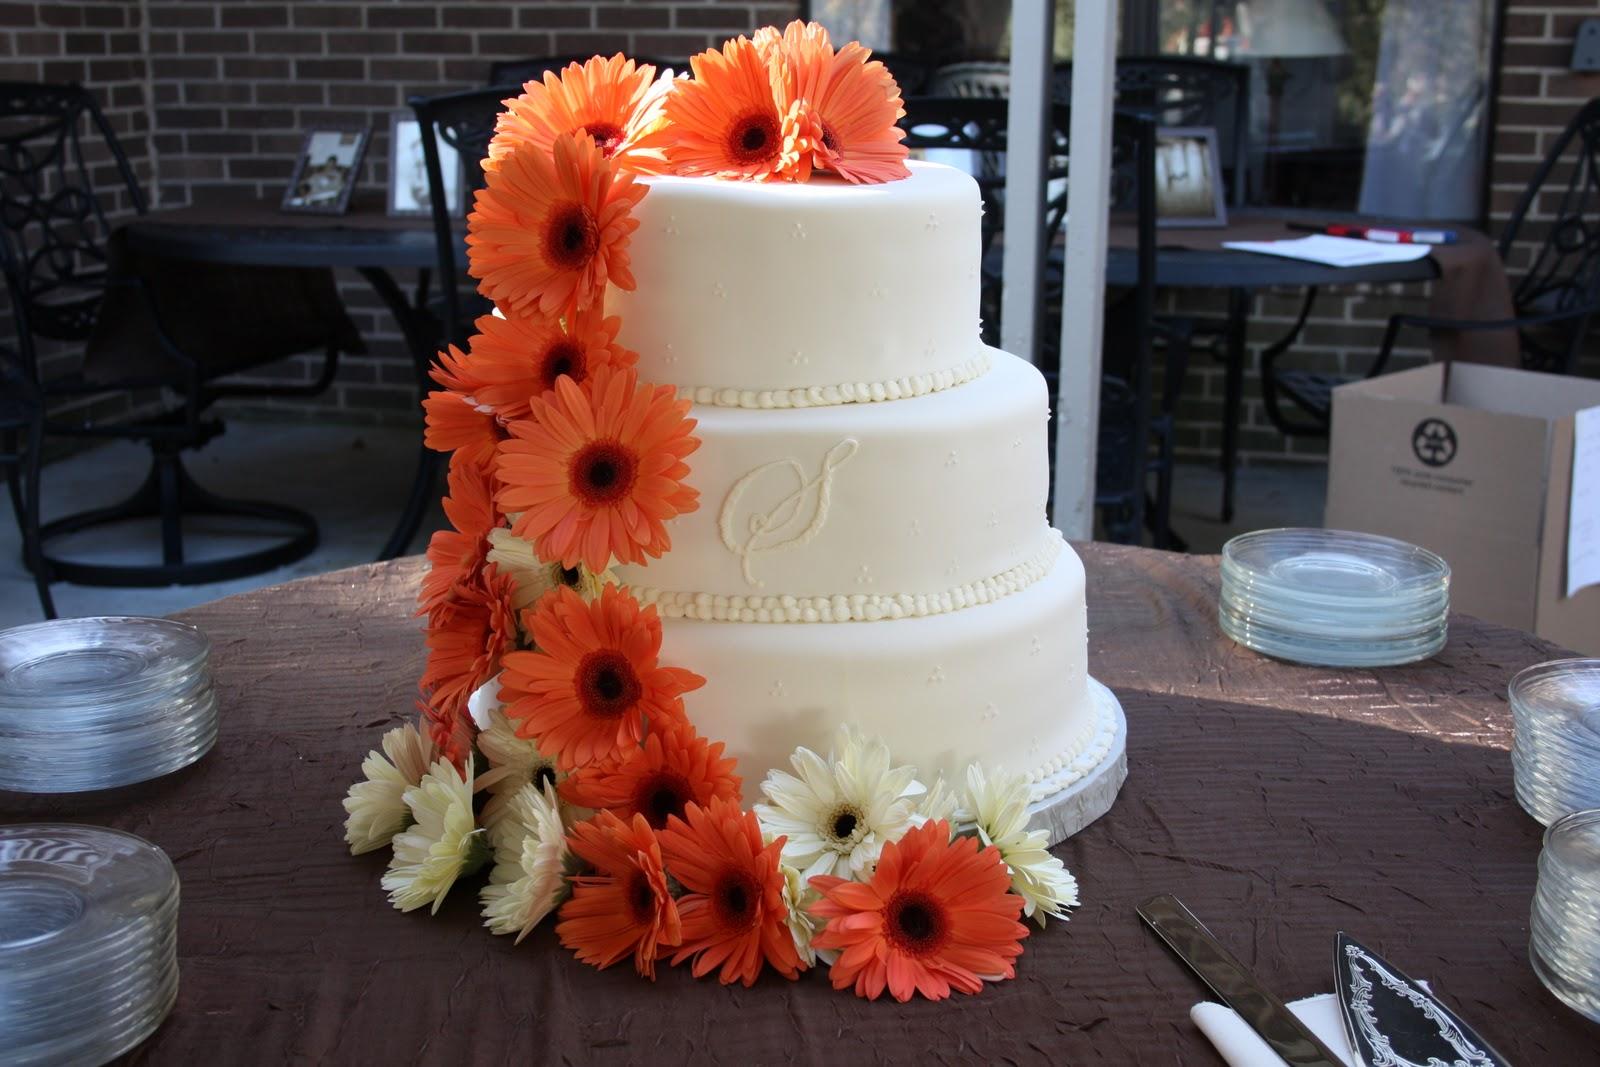 Holly s Sweet Hobby Gerbera Daisy Wedding Cake